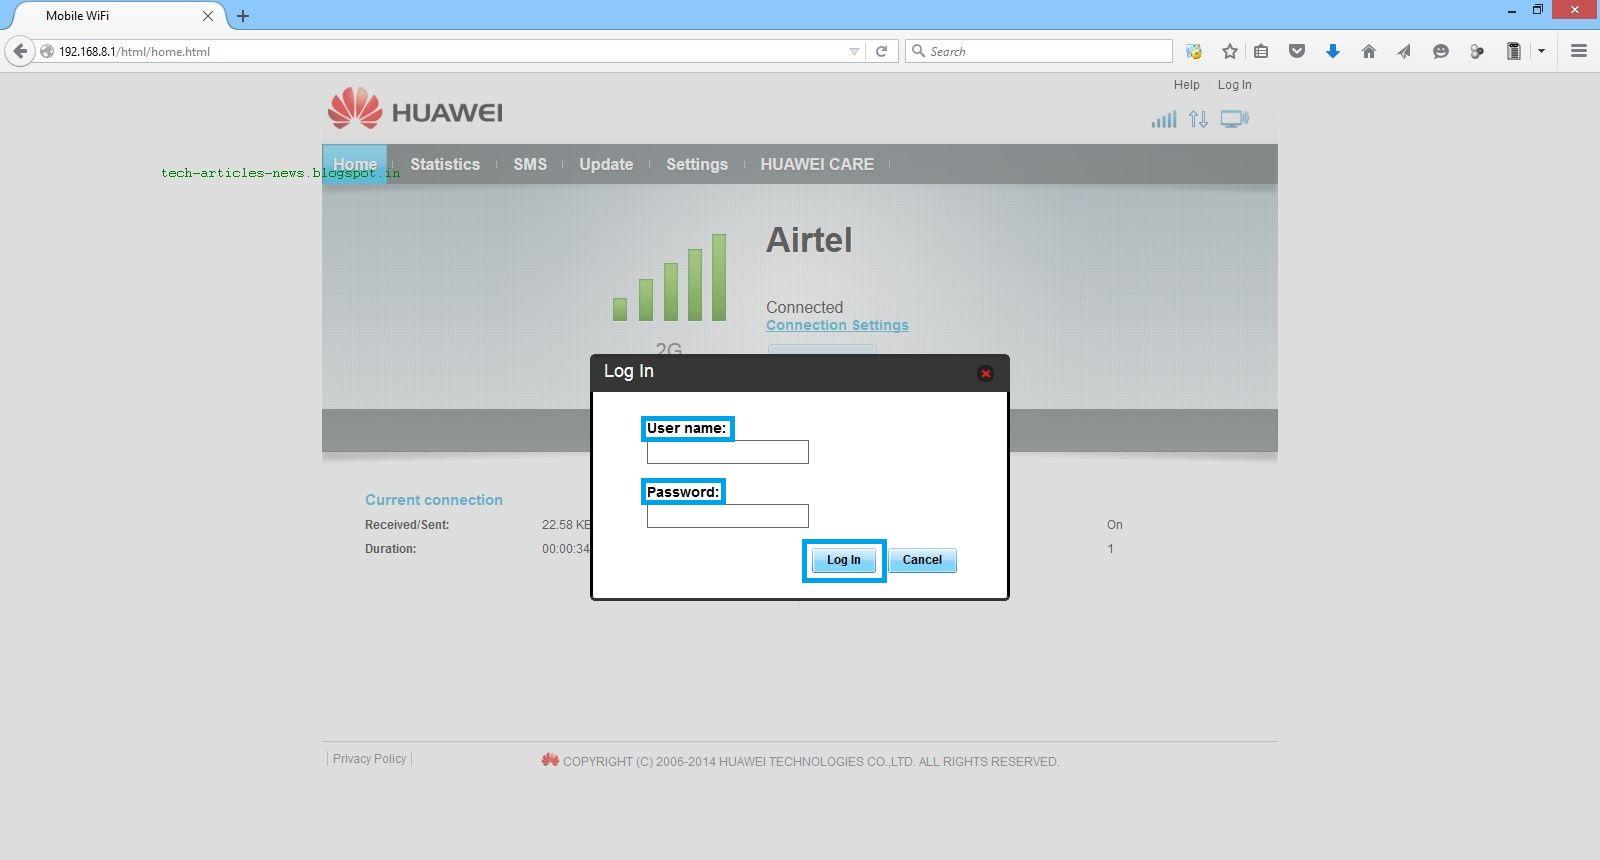 Huawei e8221 username and password